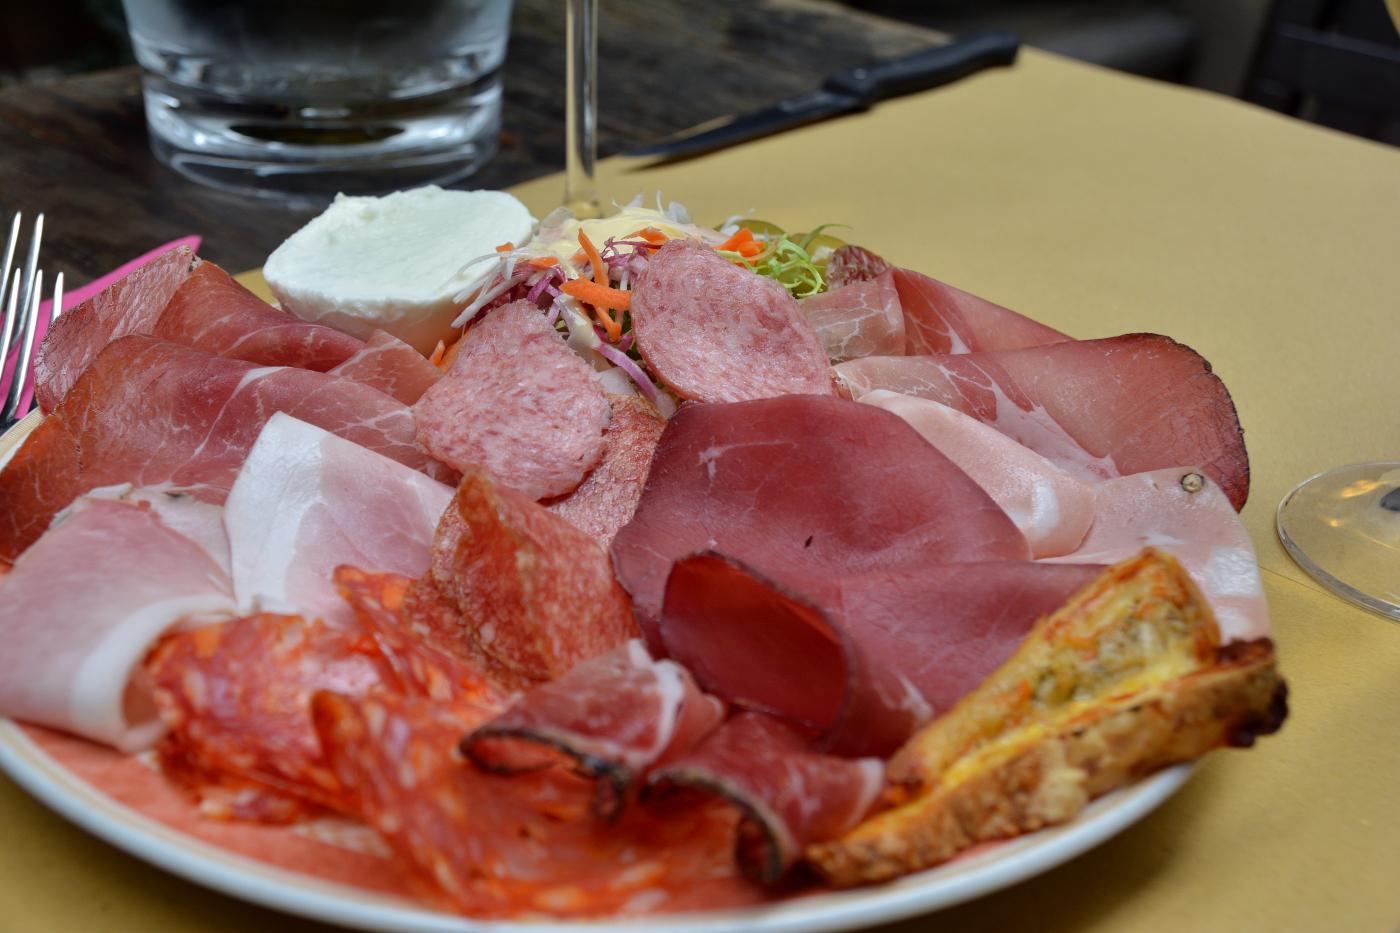 Cucina tipica romana roma centro for Cucina atipica roma